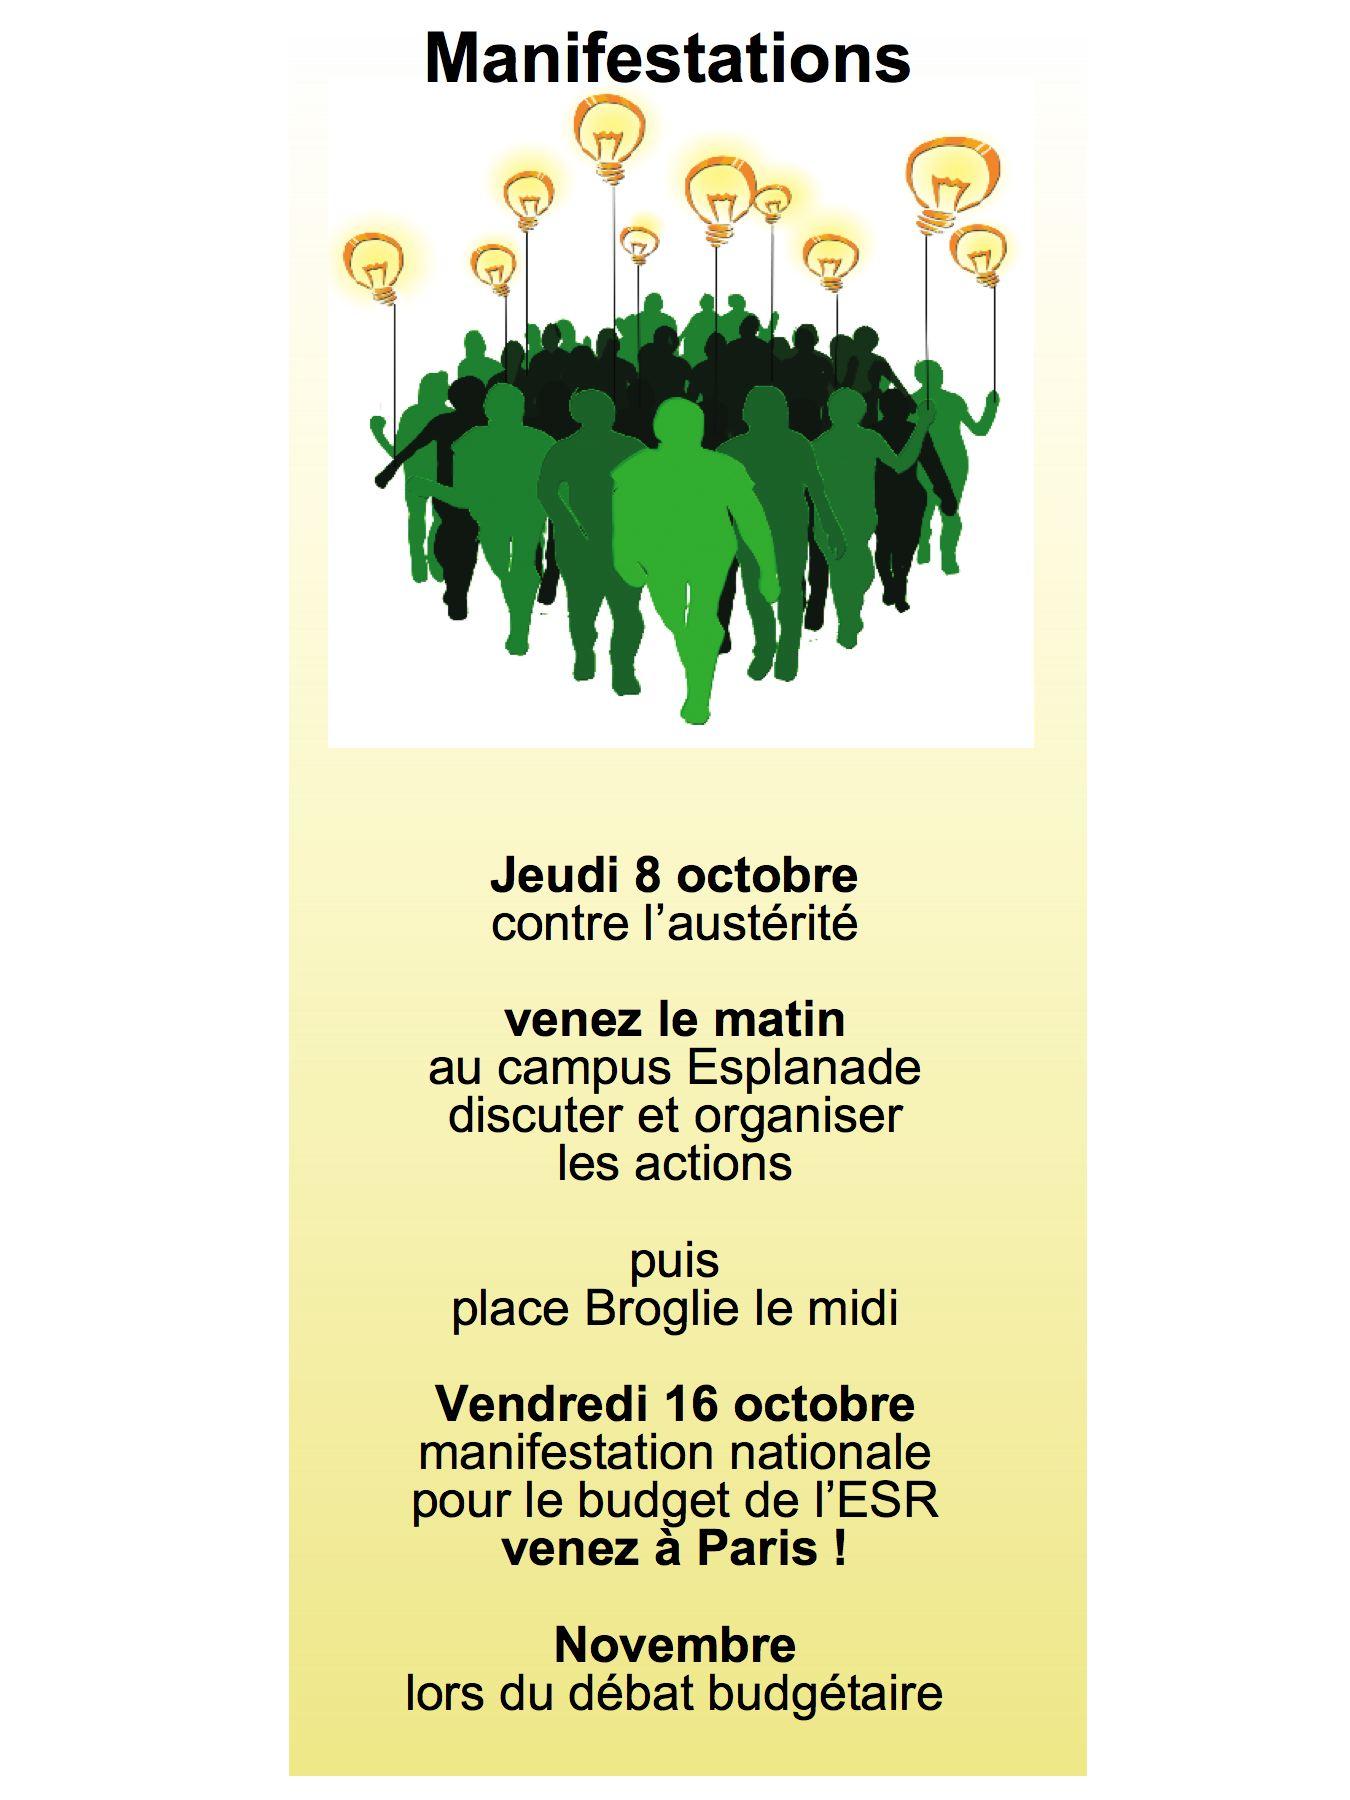 manifestations 2015